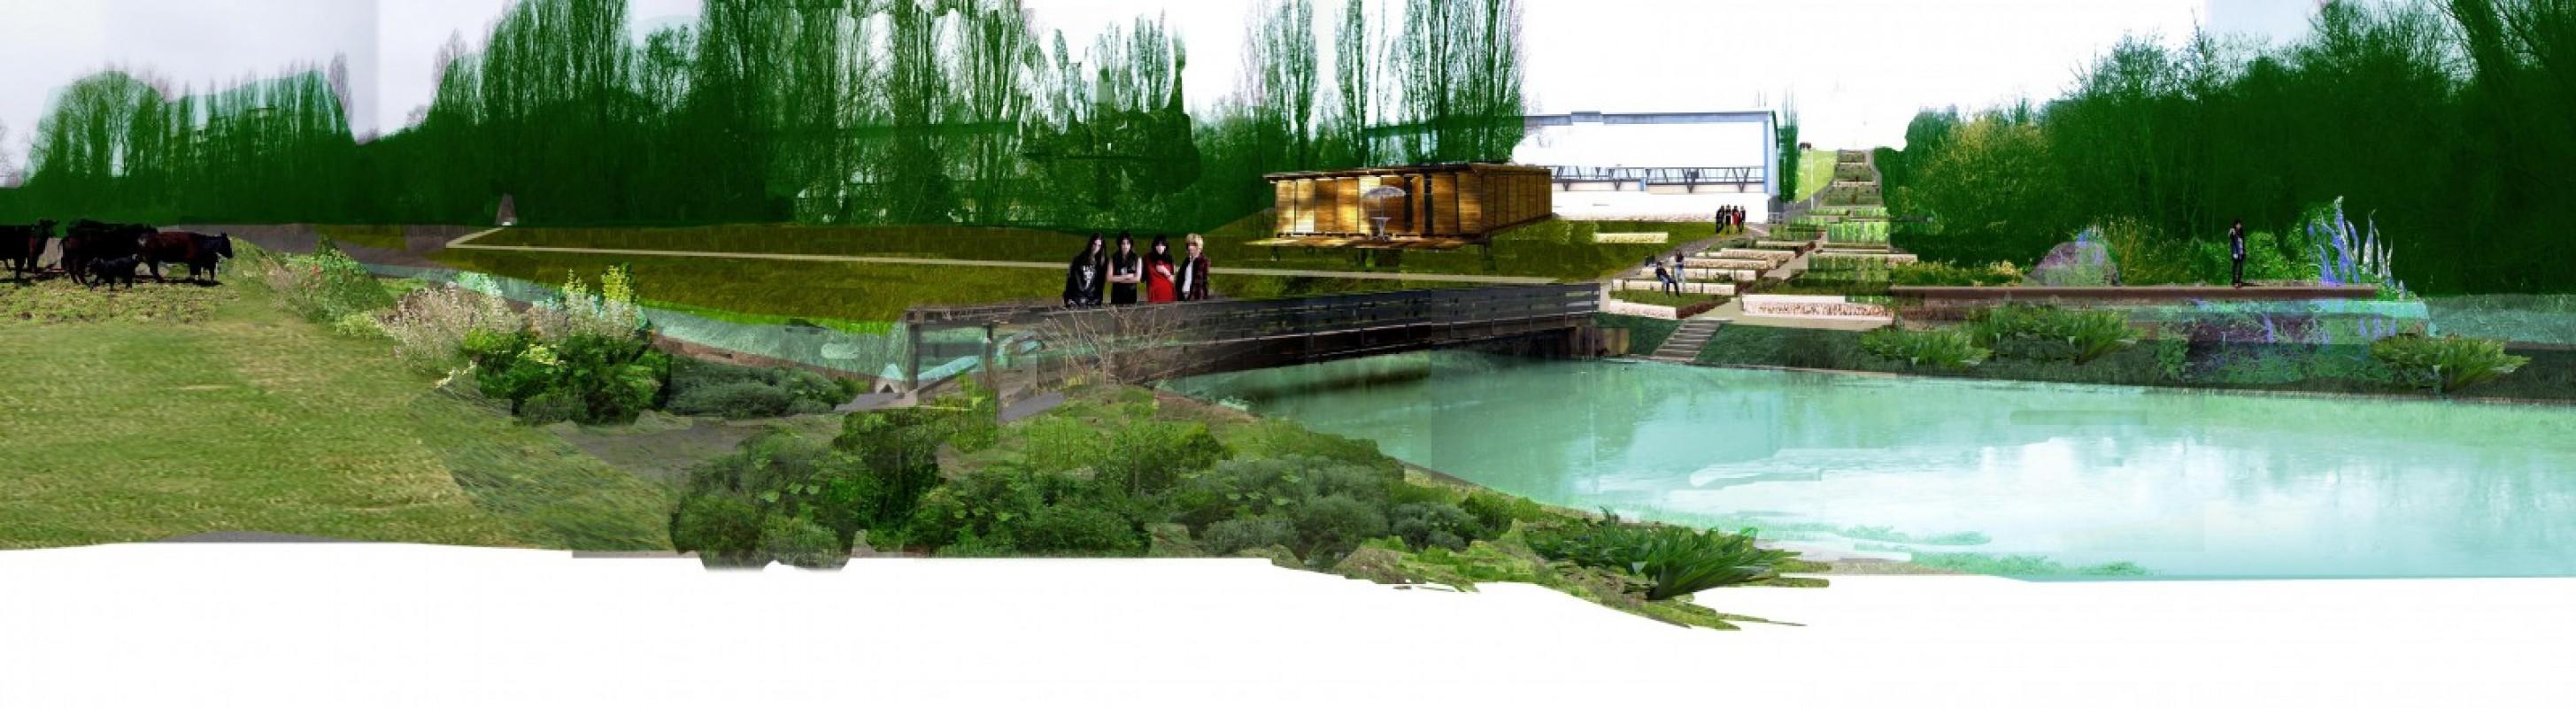 Valorisation et aménagement de l'Espace Naturel Sensibles du Coteau des Vignes